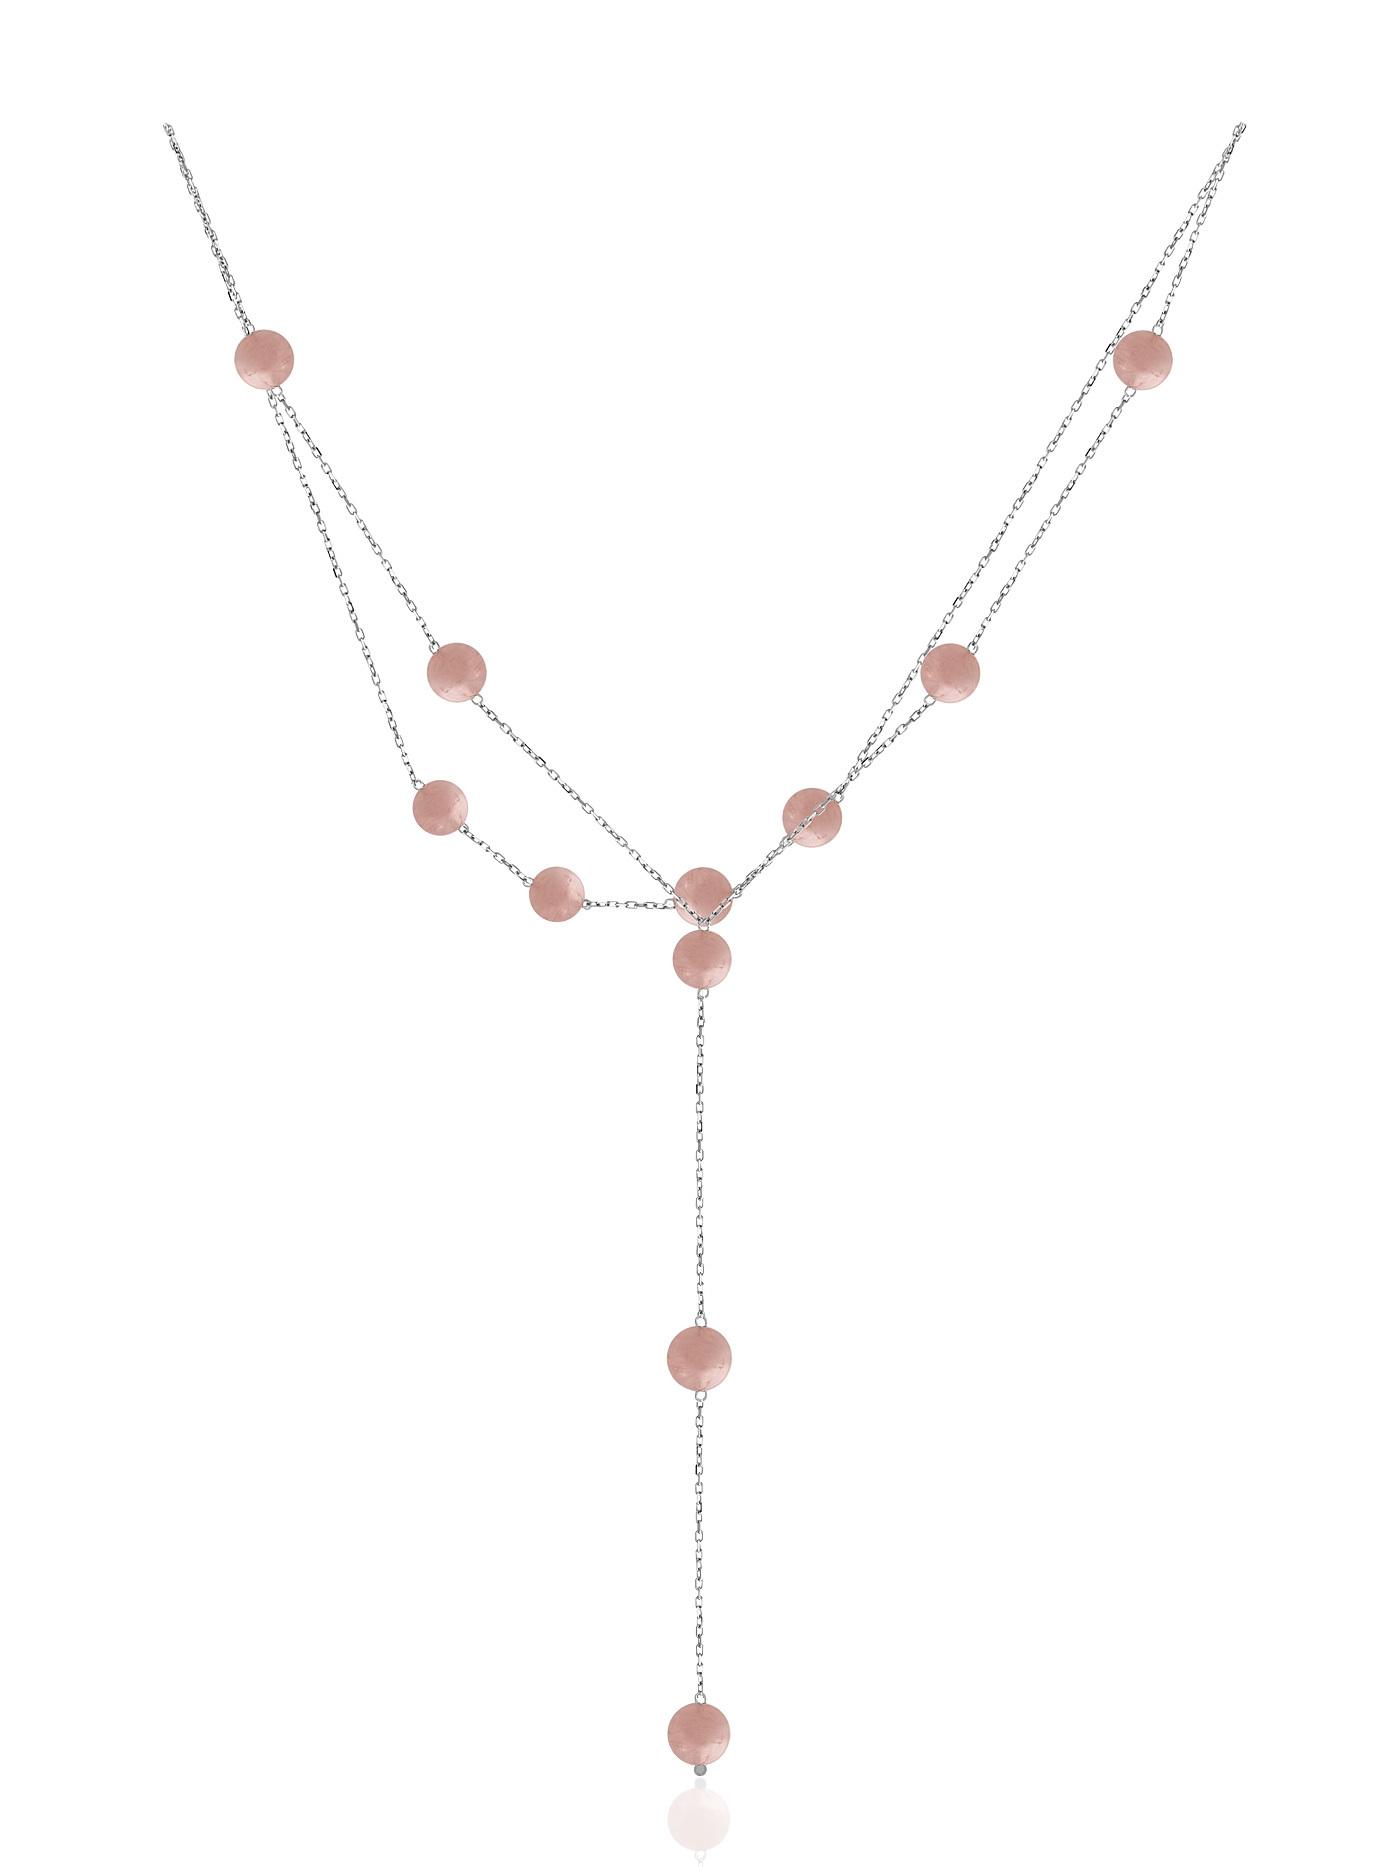 Сотуар на спину из розового кварца